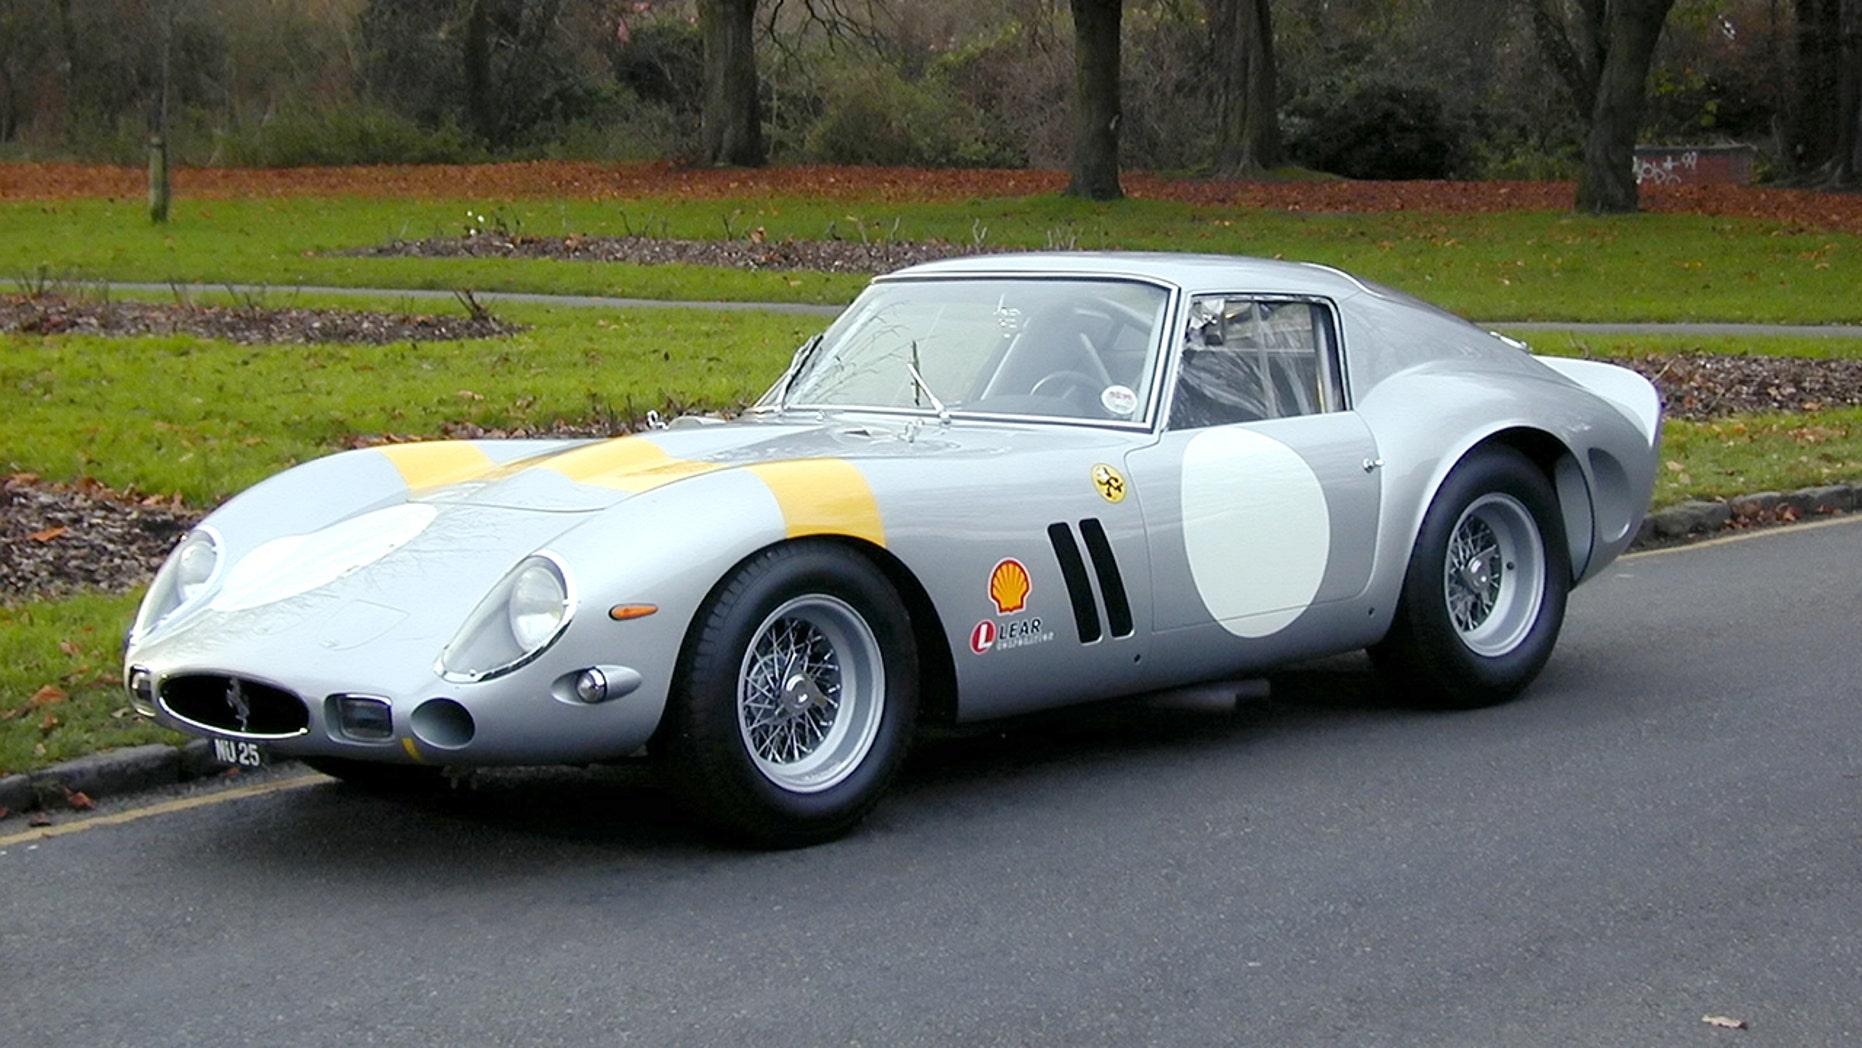 Classic 1963 Ferrari 250 Gto Sold For Record 70 Million Fox News